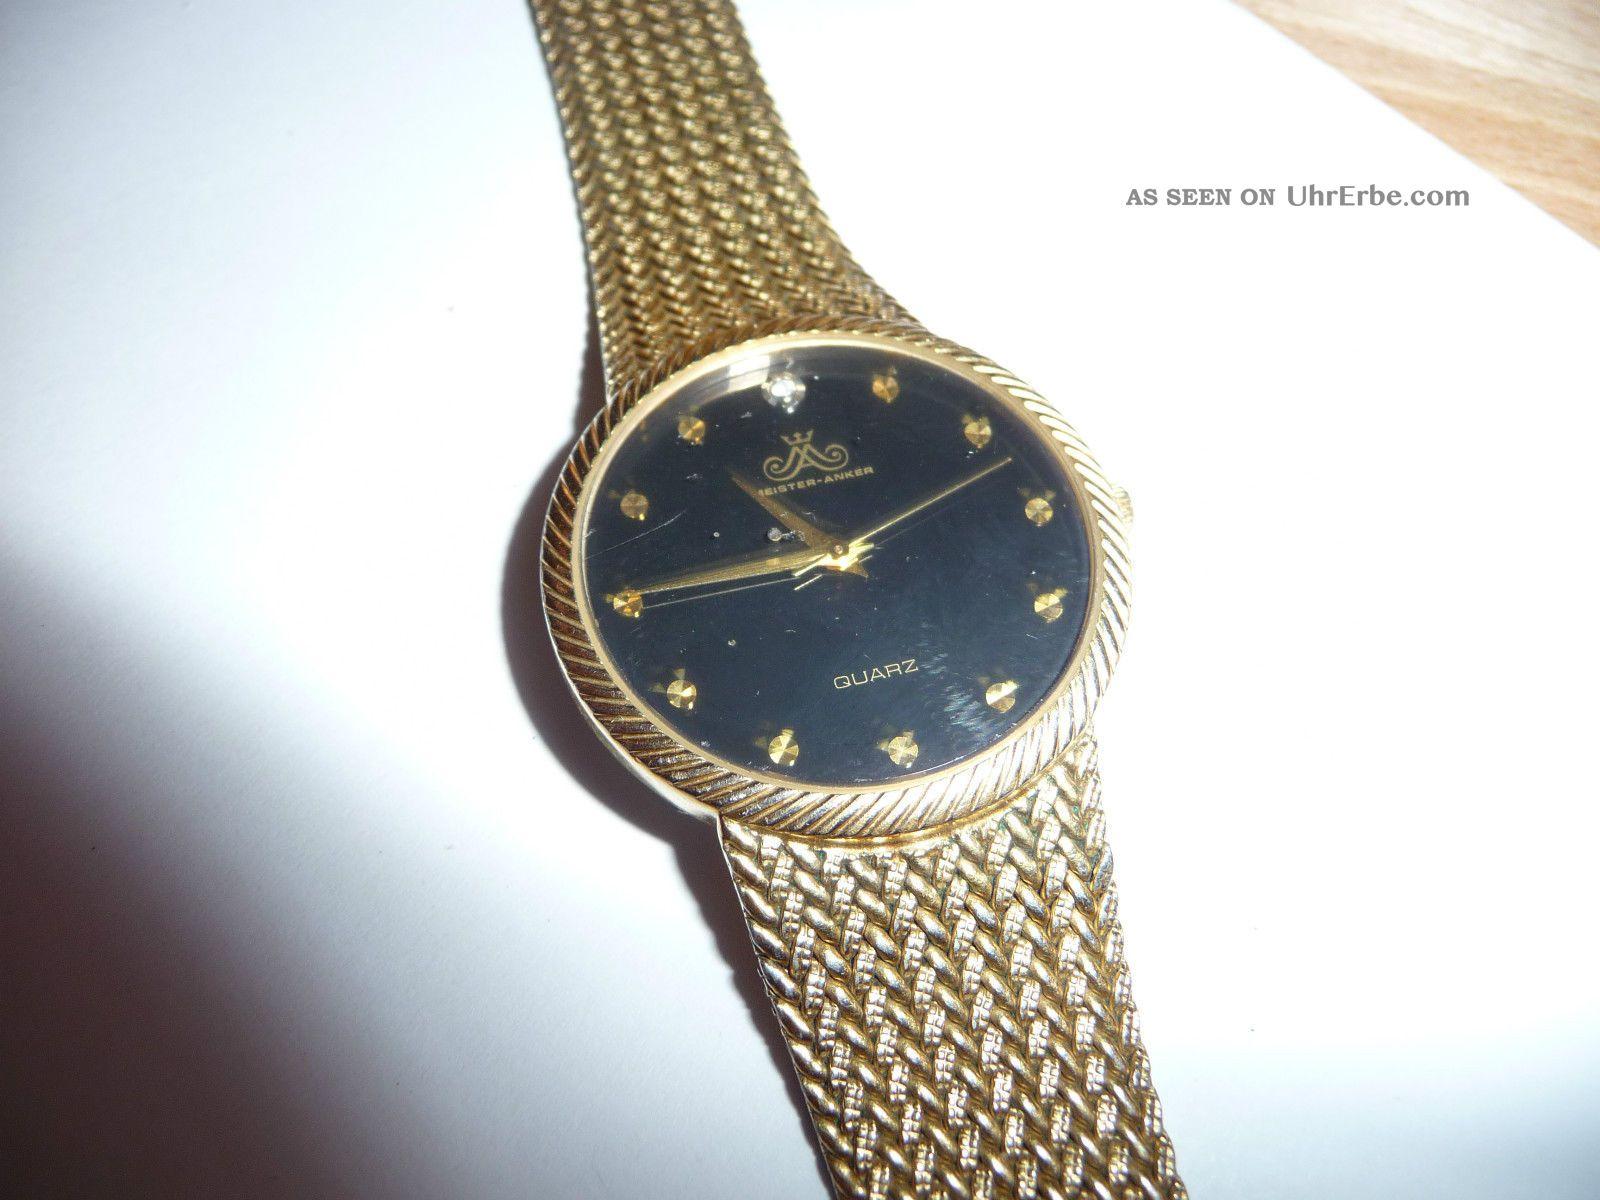 Armbanduhr Meister - Anker 937/820 - 9/10 Armbanduhren Bild